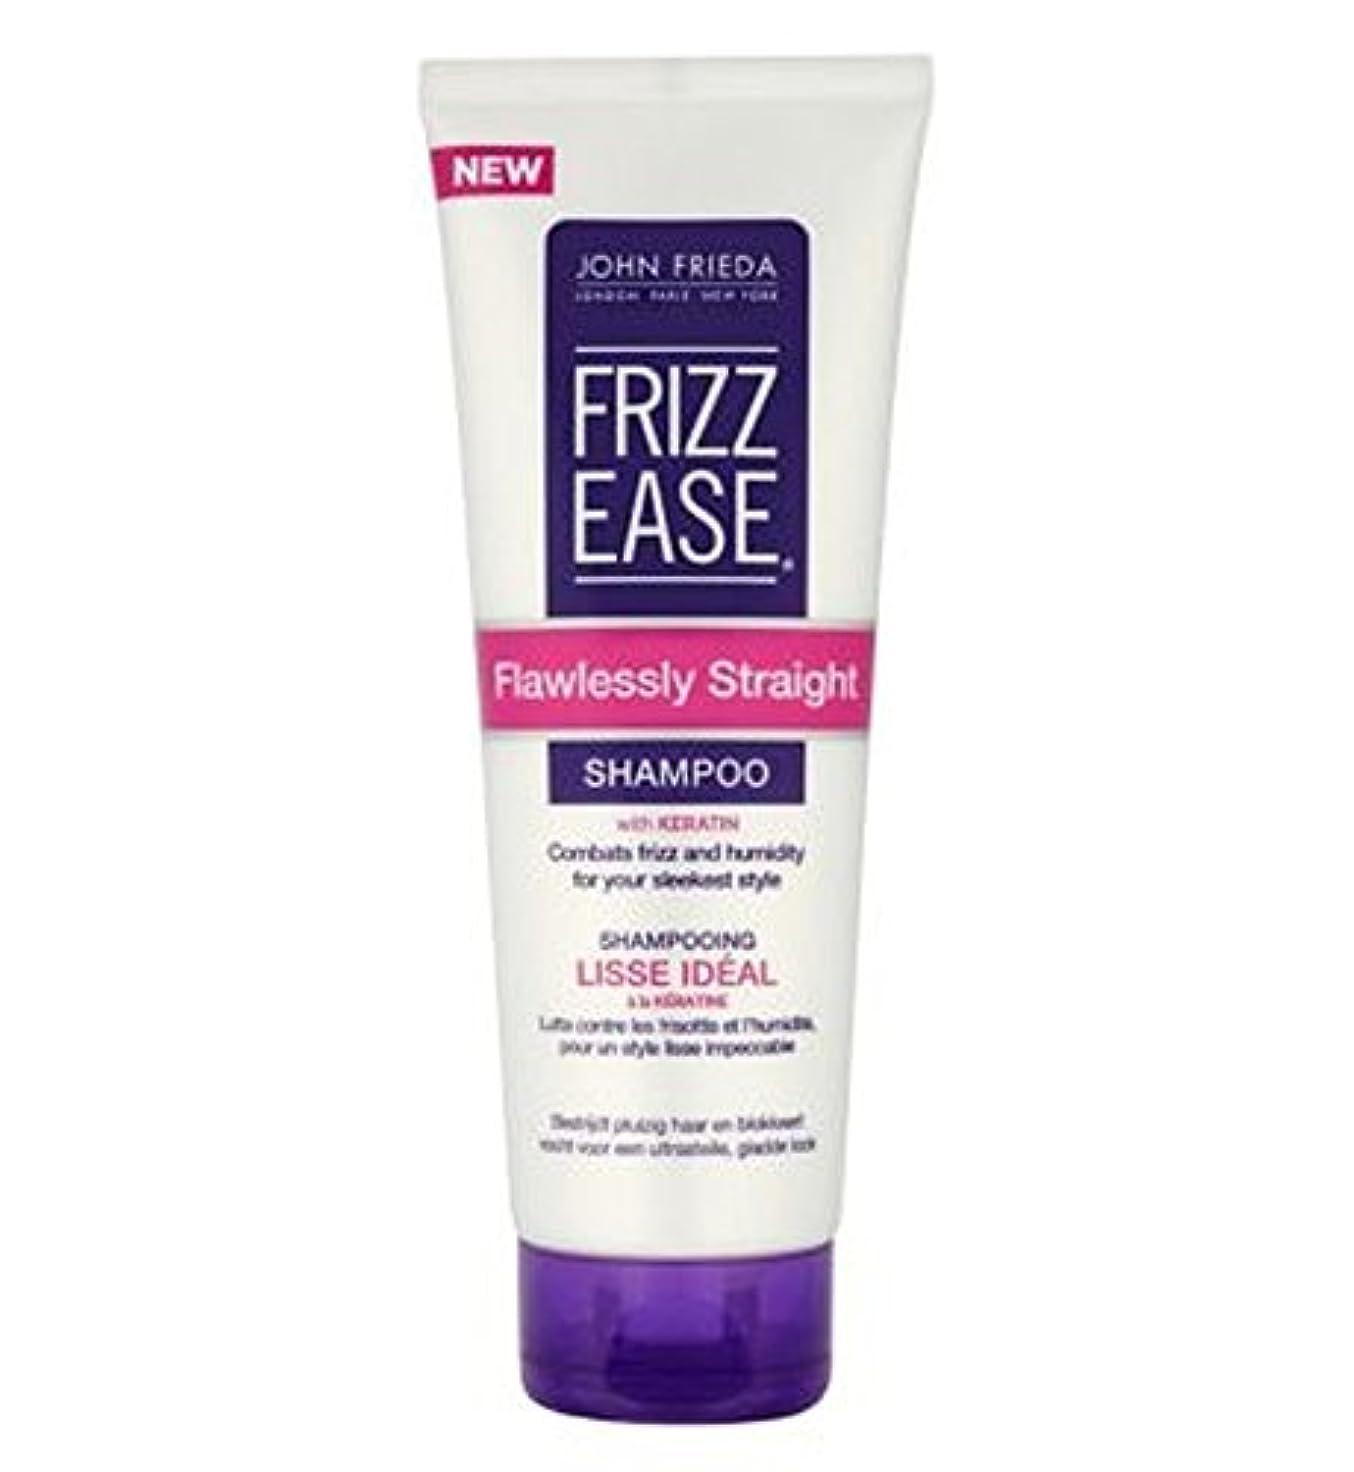 びっくり石の夕方John Frieda Frizz-Ease Flawlessly Straight Shampoo with Keratin 250ml - ケラチン250ミリリットルとジョン?フリーダ縮れ-容易完璧にストレートシャンプー (John Frieda) [並行輸入品]